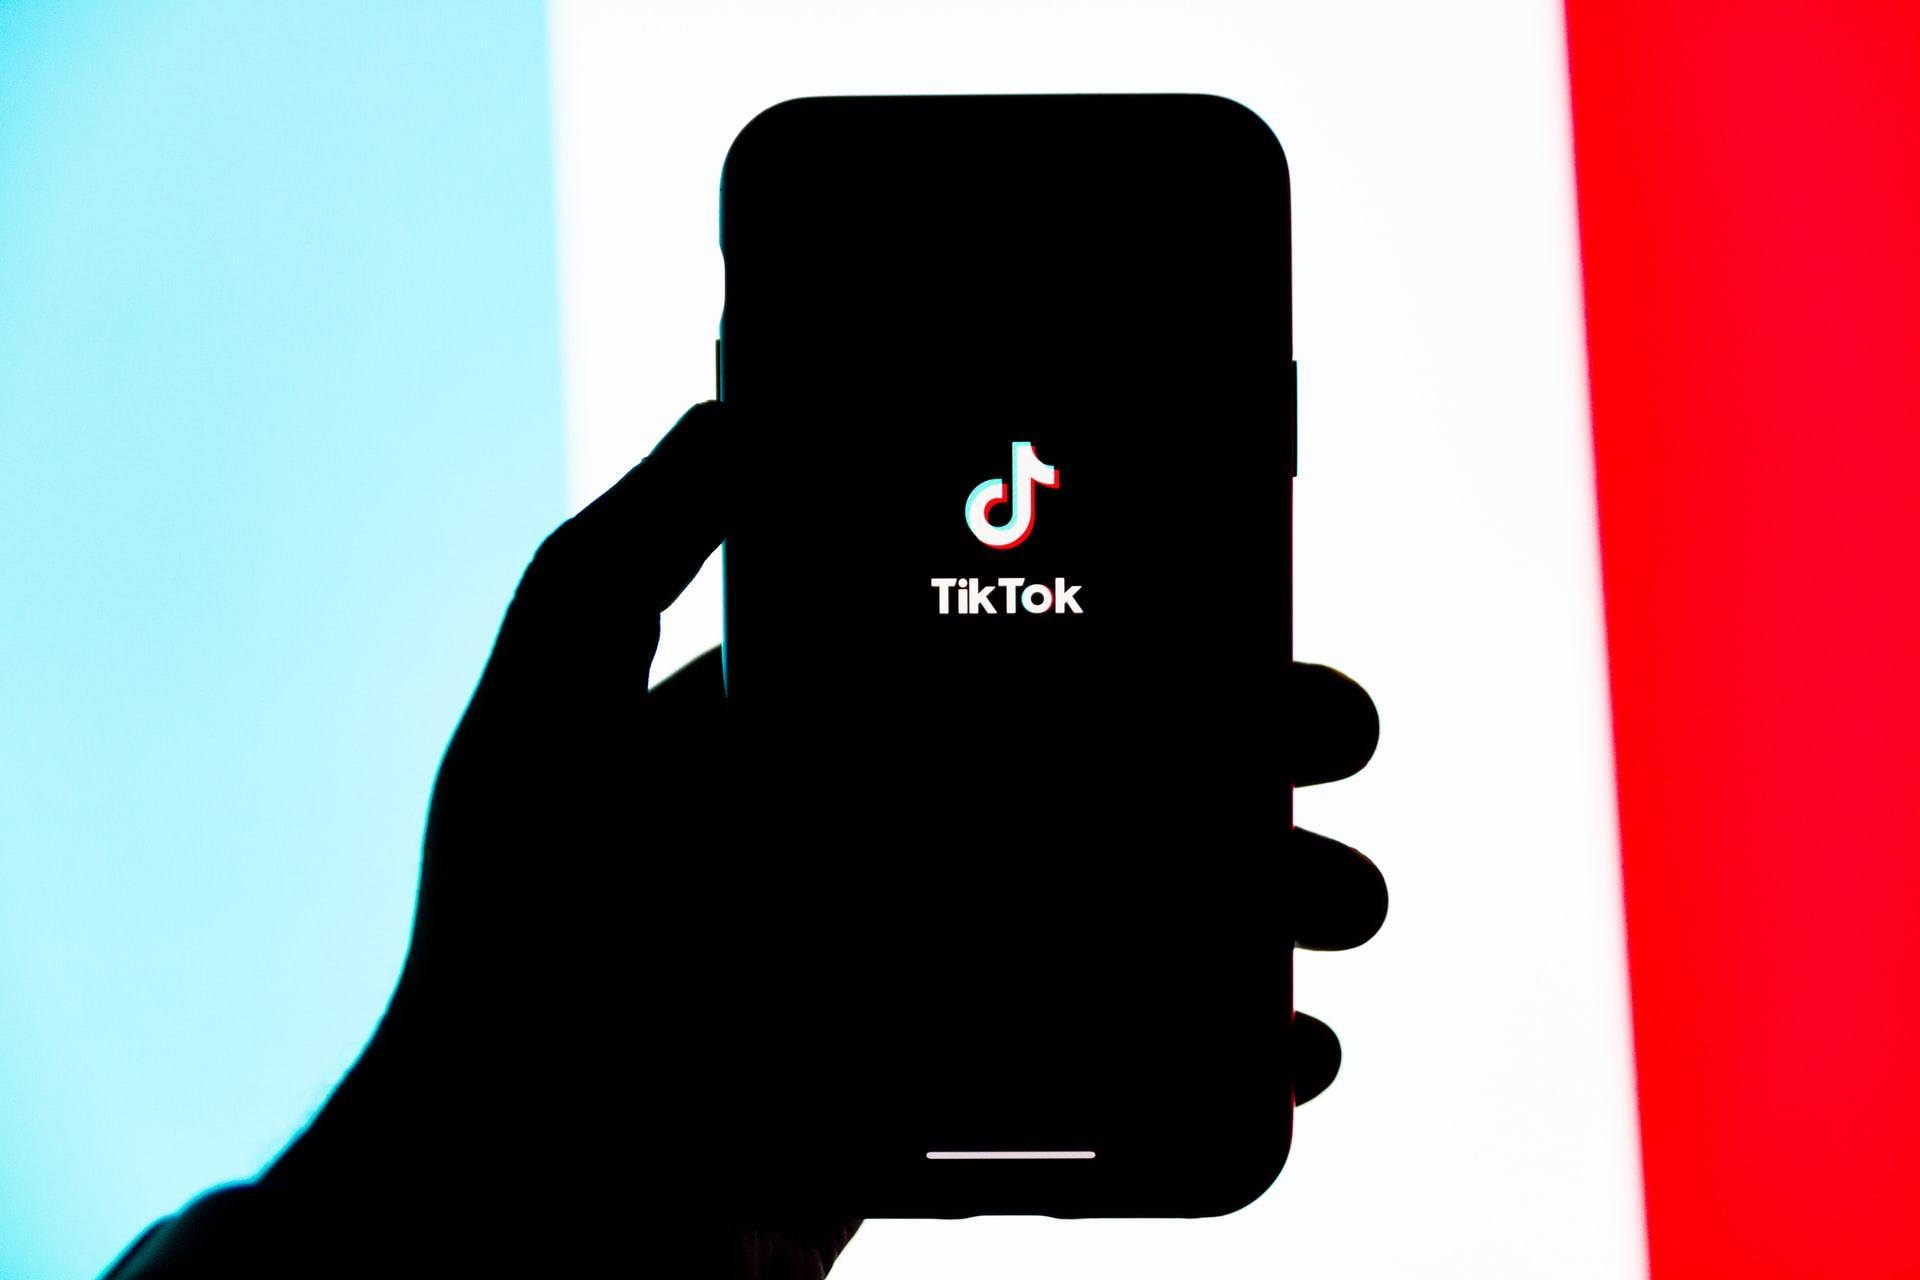 TikTok Marketing: 12 Ways to Turn TikTok Users Into Customers and Improve Your Sales 1